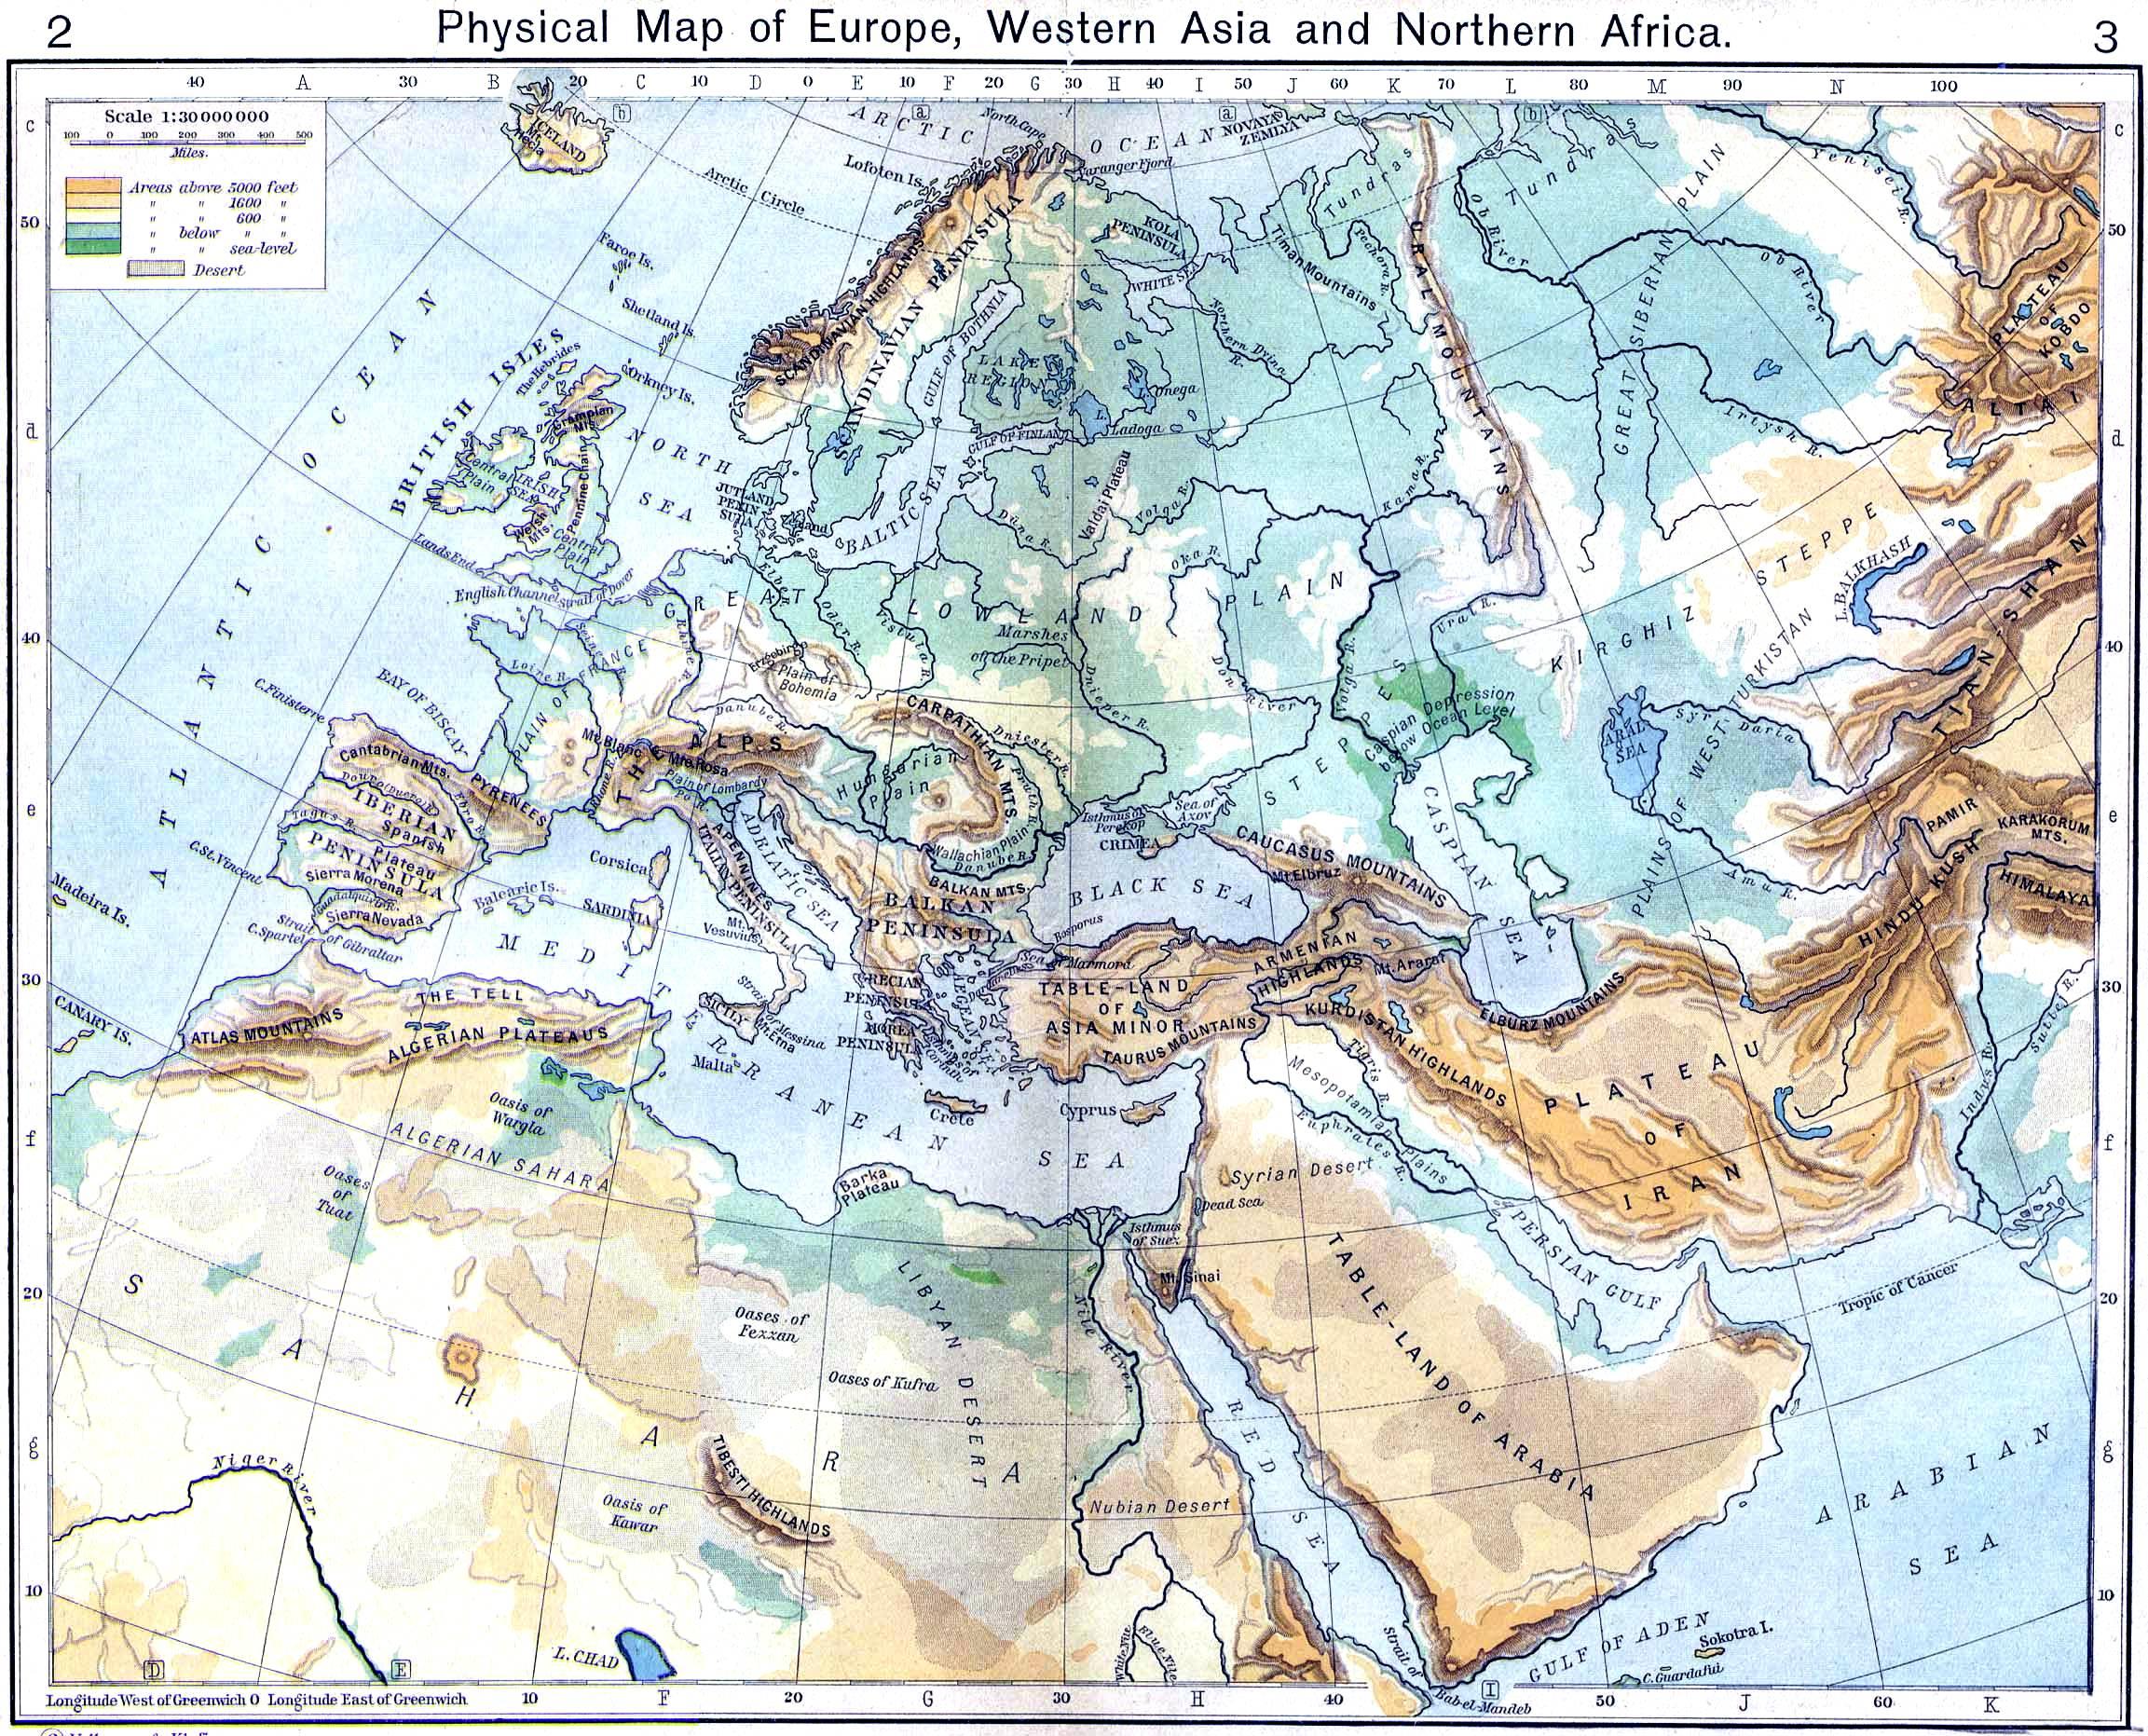 Mapa Físico de Europa, Asia occidental y África del Norte